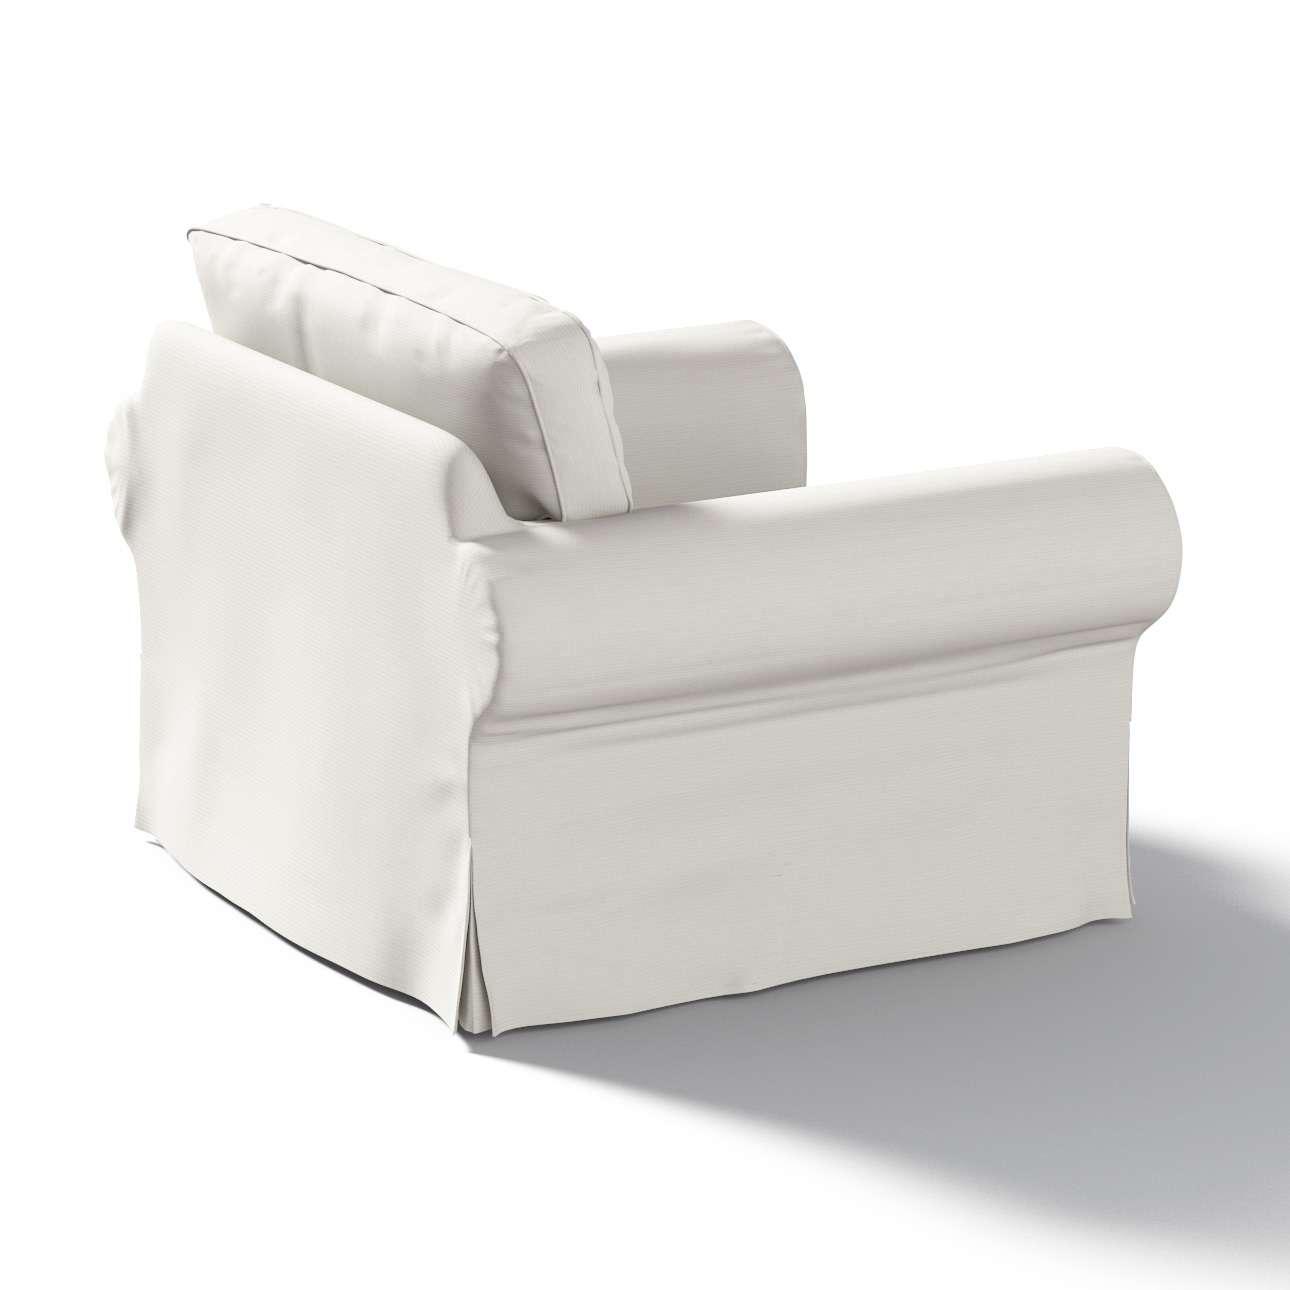 EKTORP fotelio užvalkalas Ektorp fotelio užvalkalas kolekcijoje Cotton Panama, audinys: 702-31